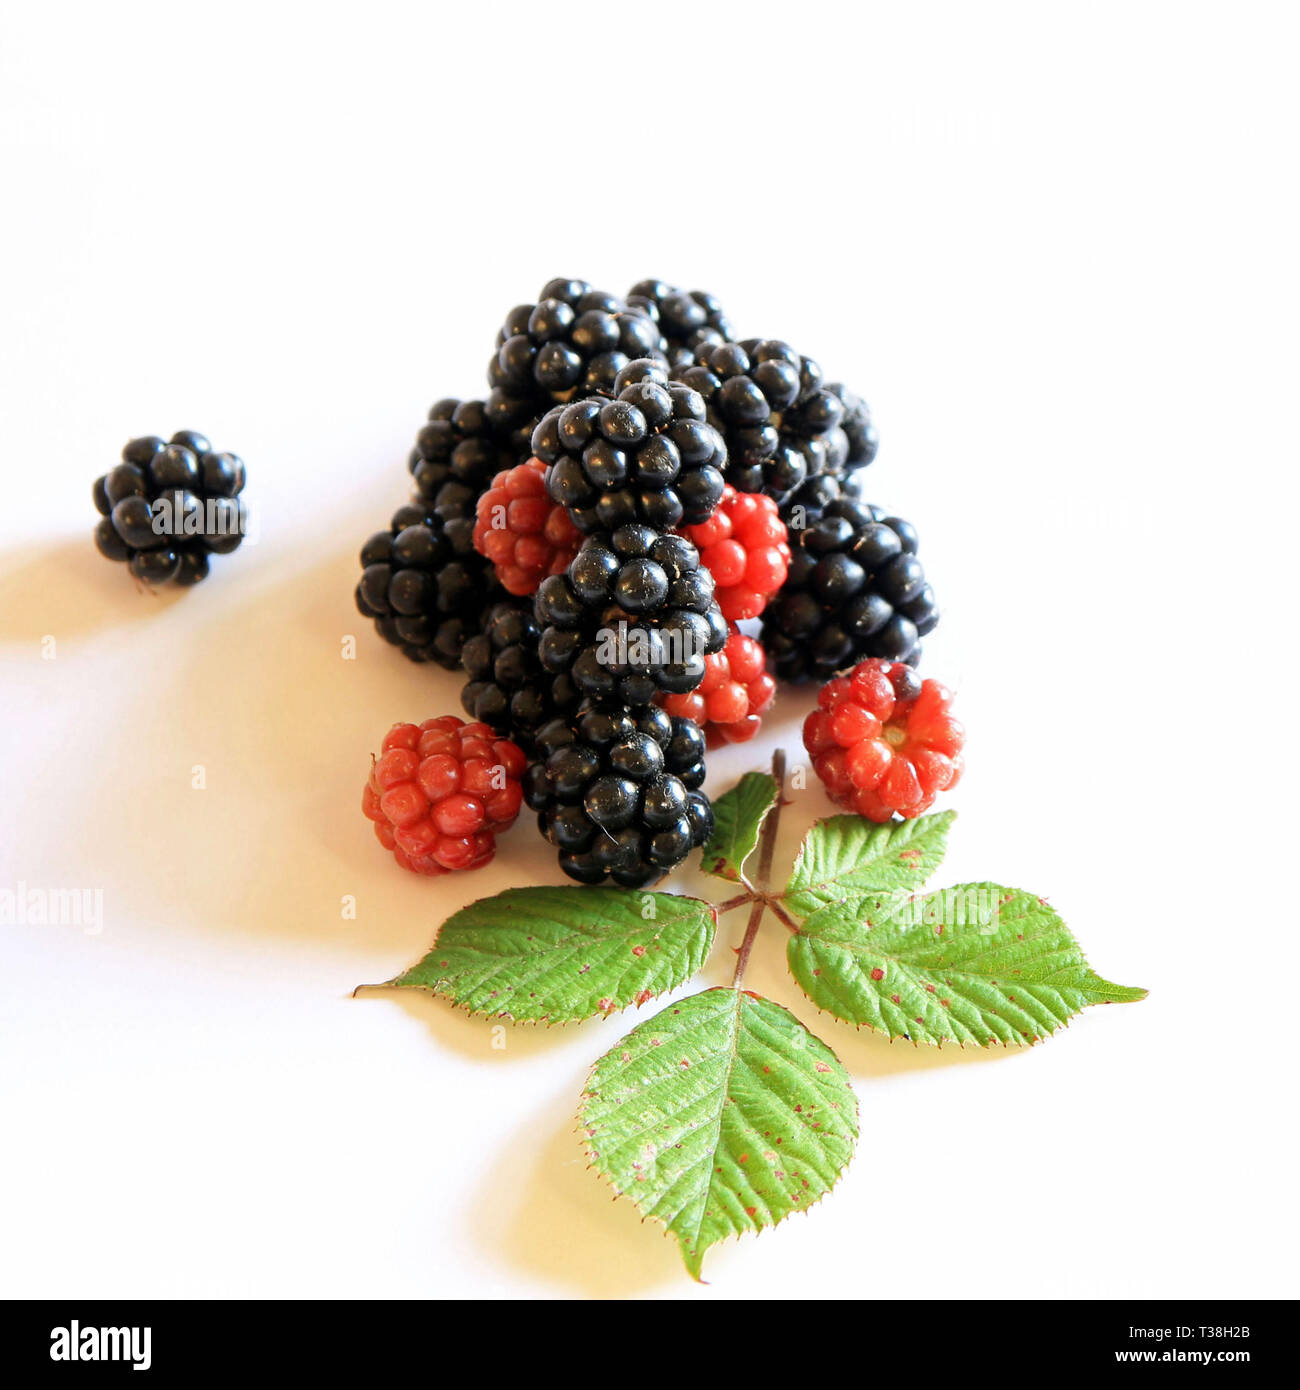 blackberries on white background - Stock Image